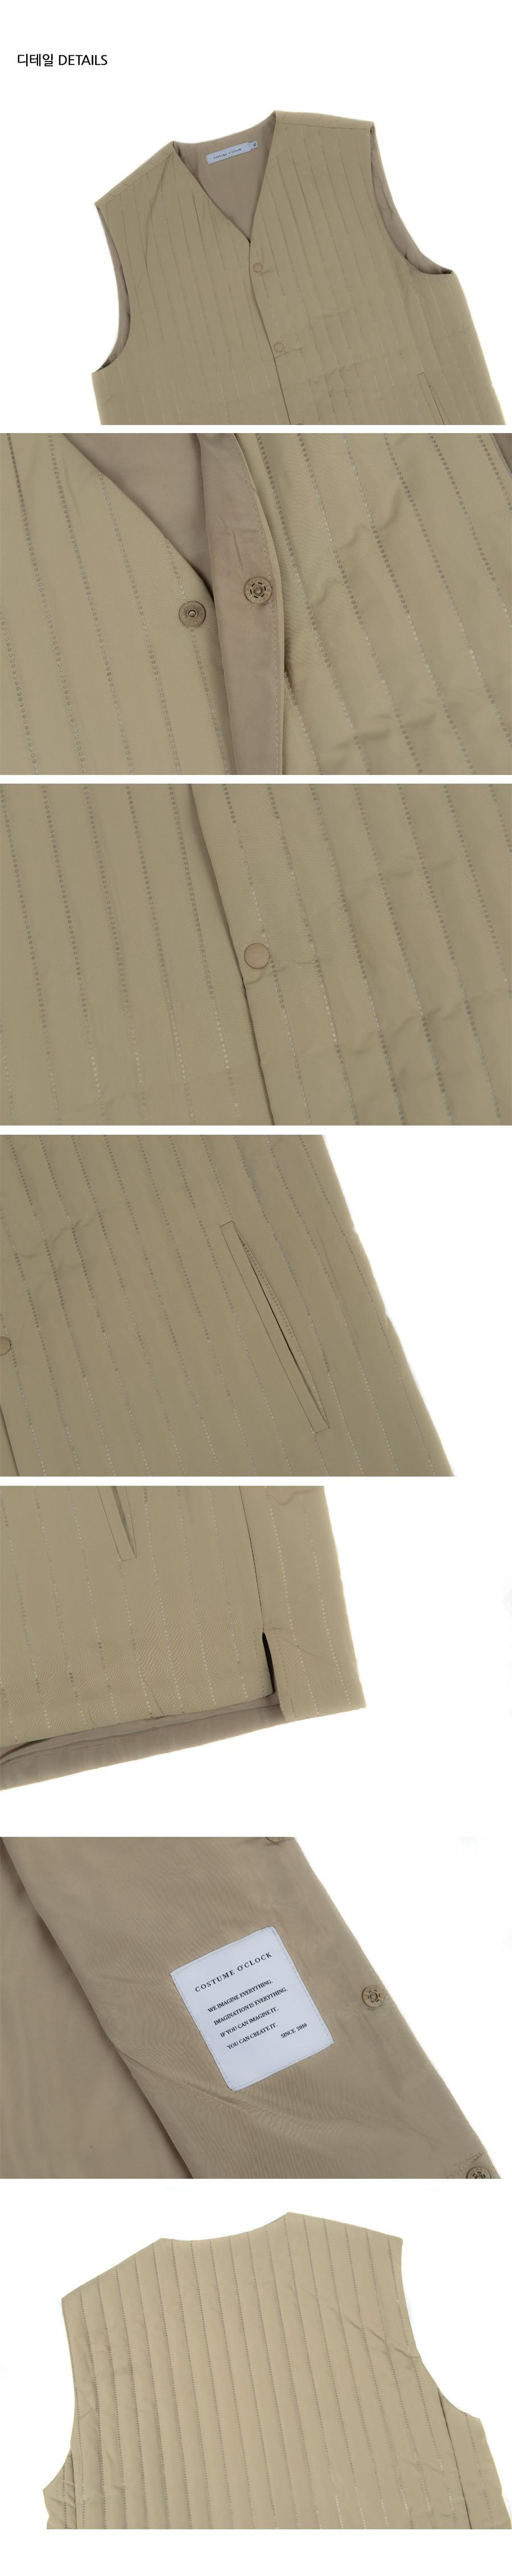 커스텀어클락(COSTUME O'CLOCK) 에드히시브 퀼팅 스트라이프 패딩 베스트 베이지